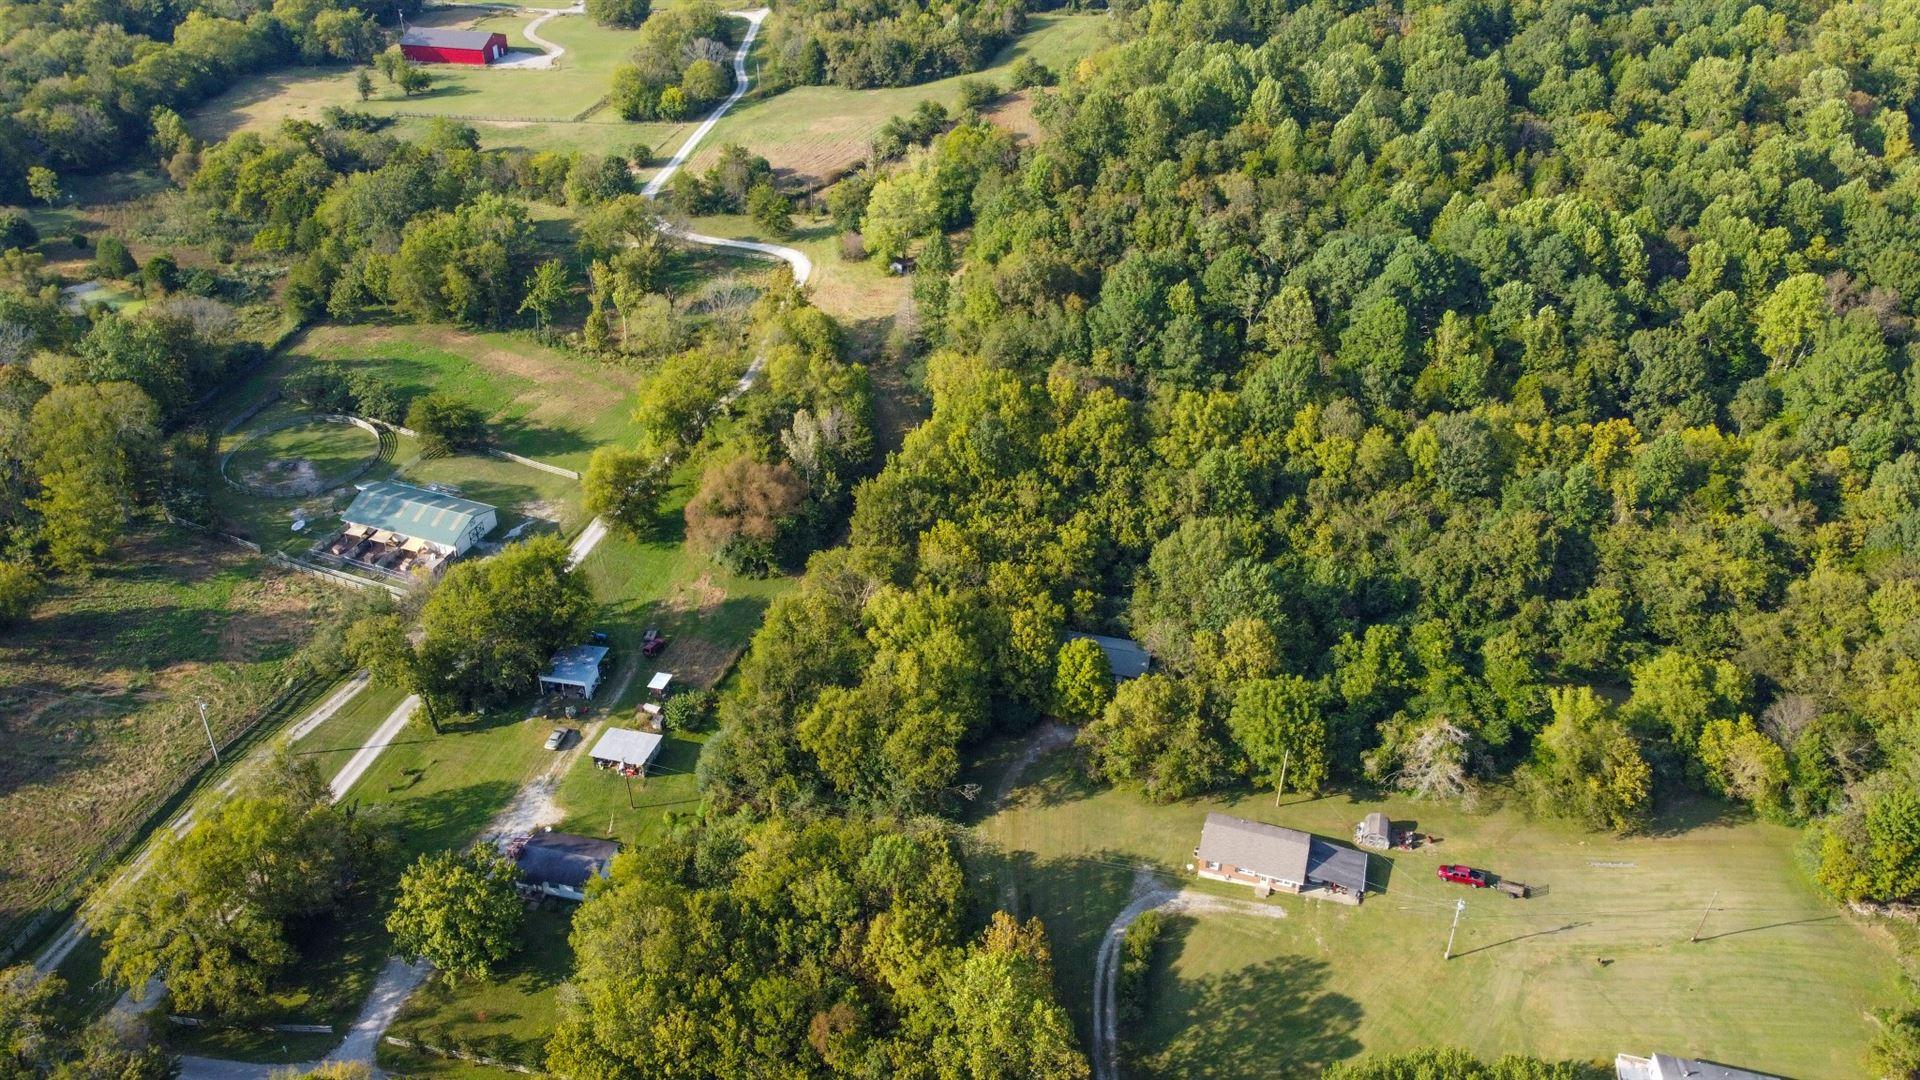 2794 Owl Hollow Rd, Franklin, TN 37064 - MLS#: 2193602